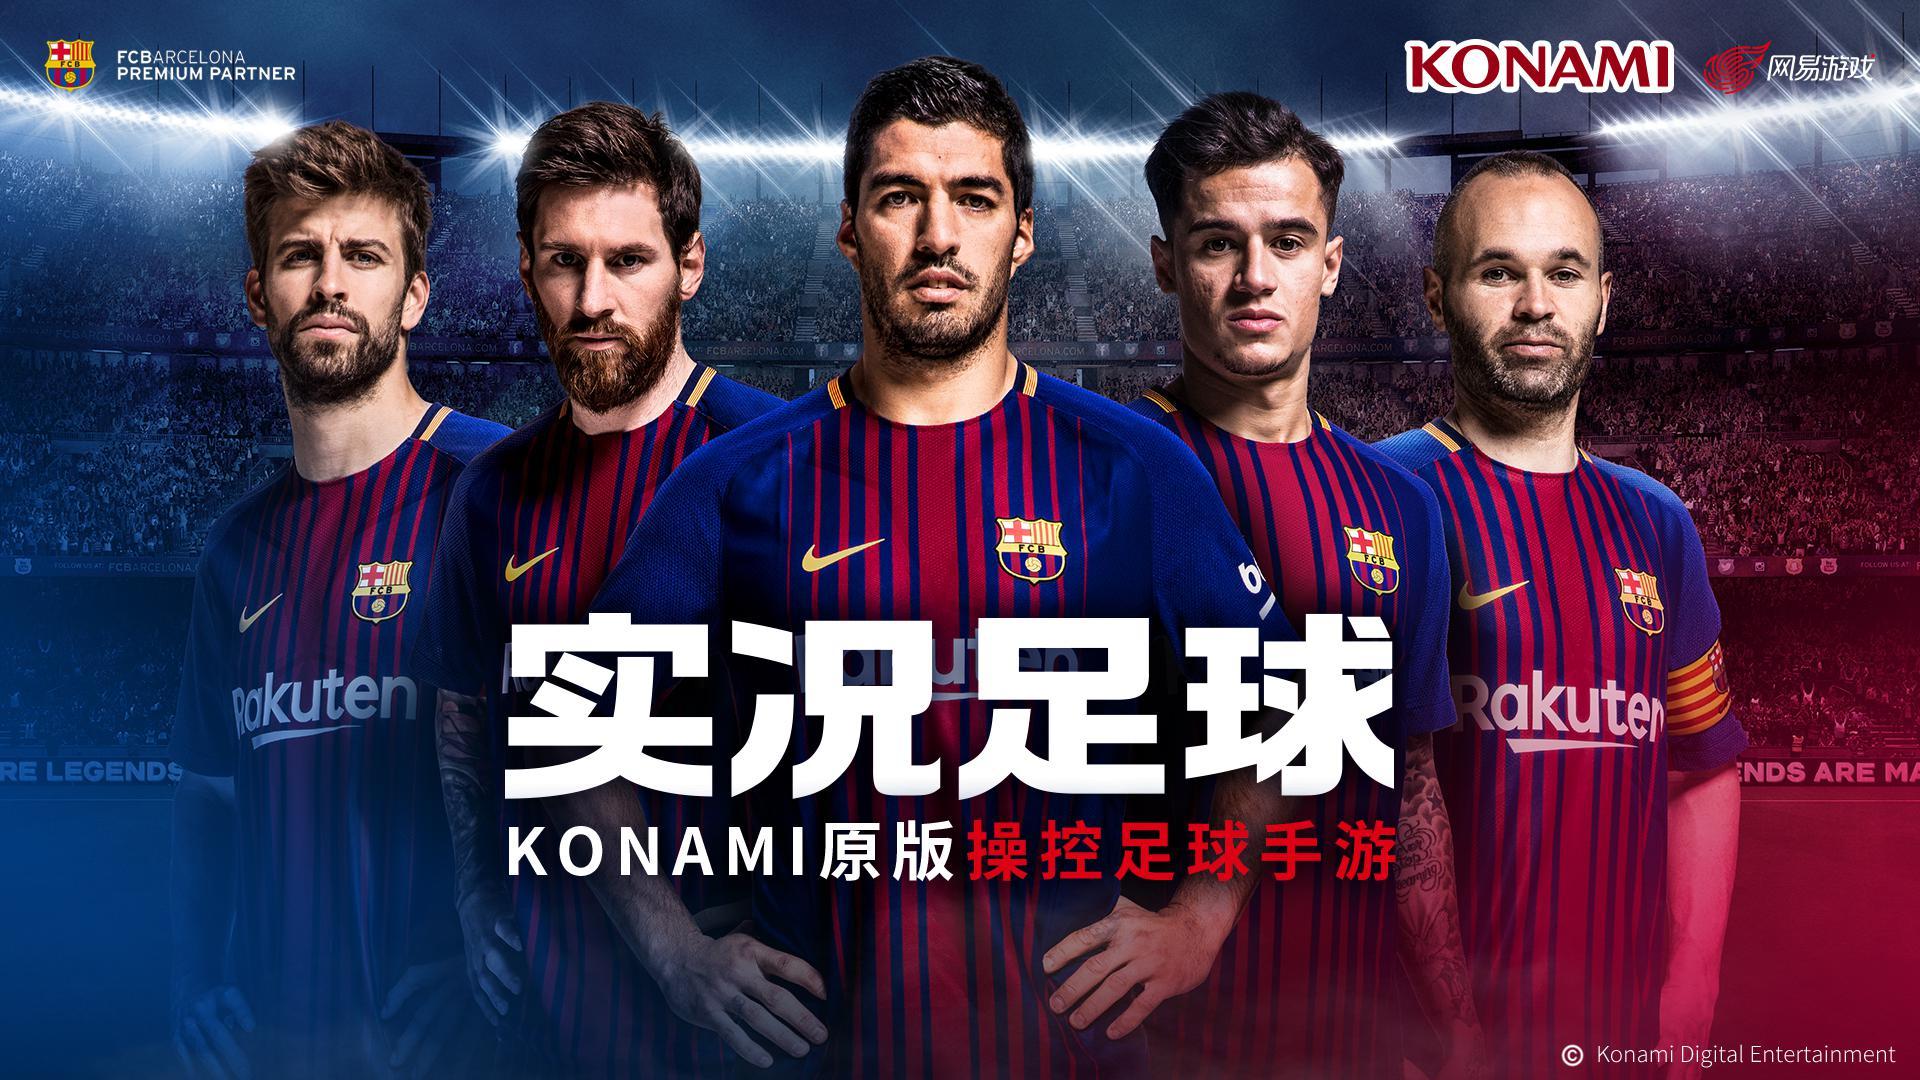 网易游戏与KONAMI达成战略合作 将推出《实况足球》等多款实况IP系列手游